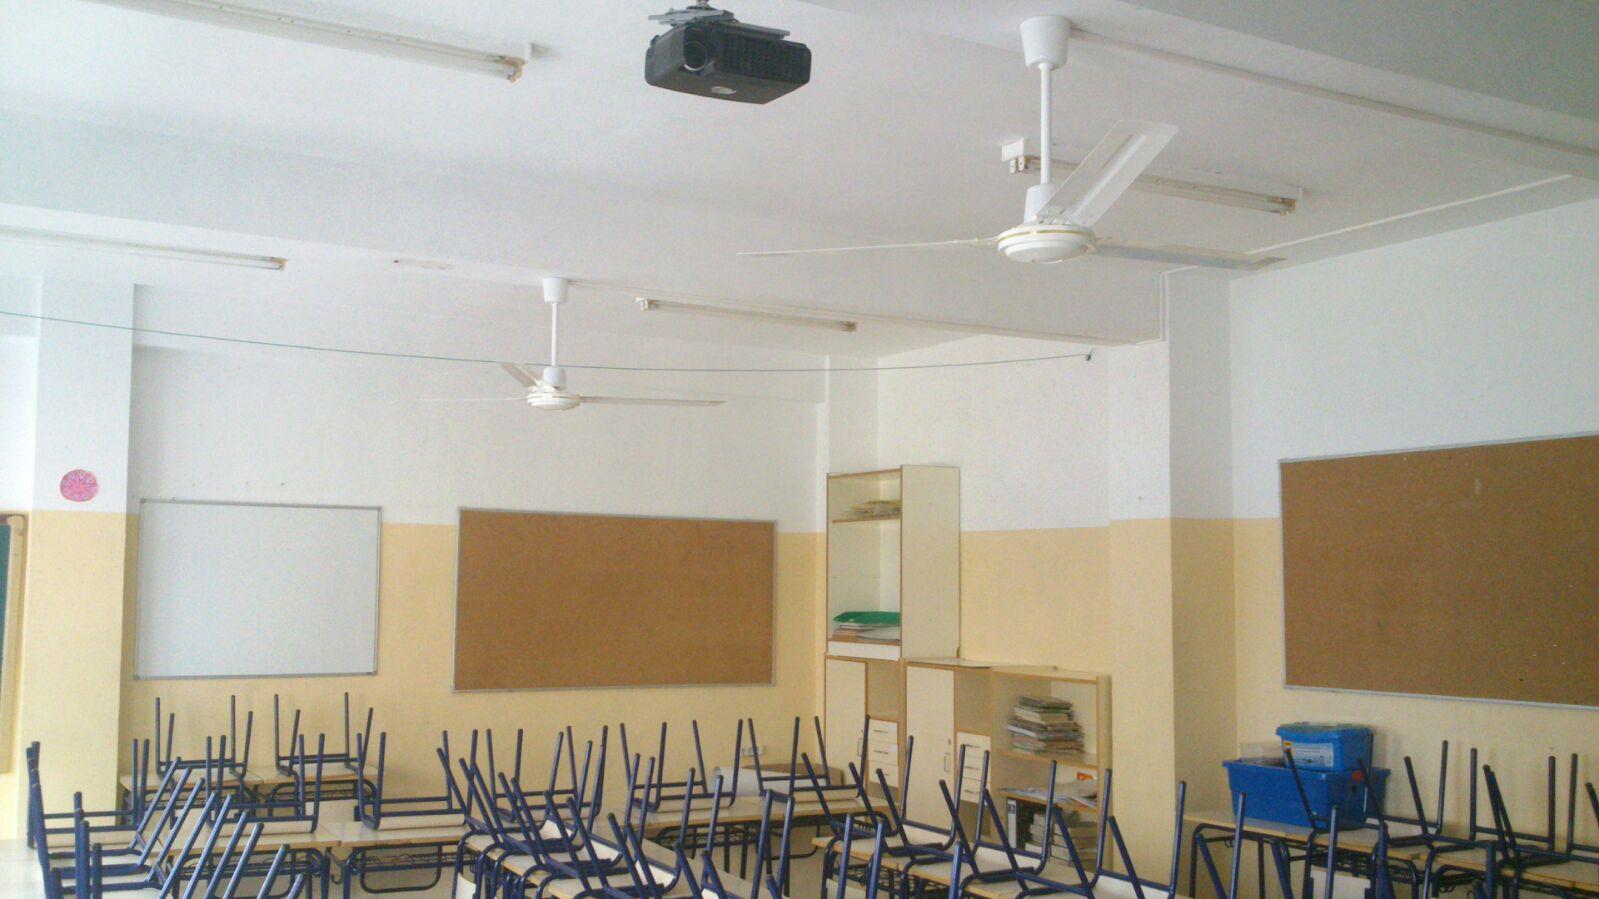 El ayuntamiento de algorfa instala ventiladores en las aulas del colegio miguel de cervantes y - Fotos de ventiladores ...